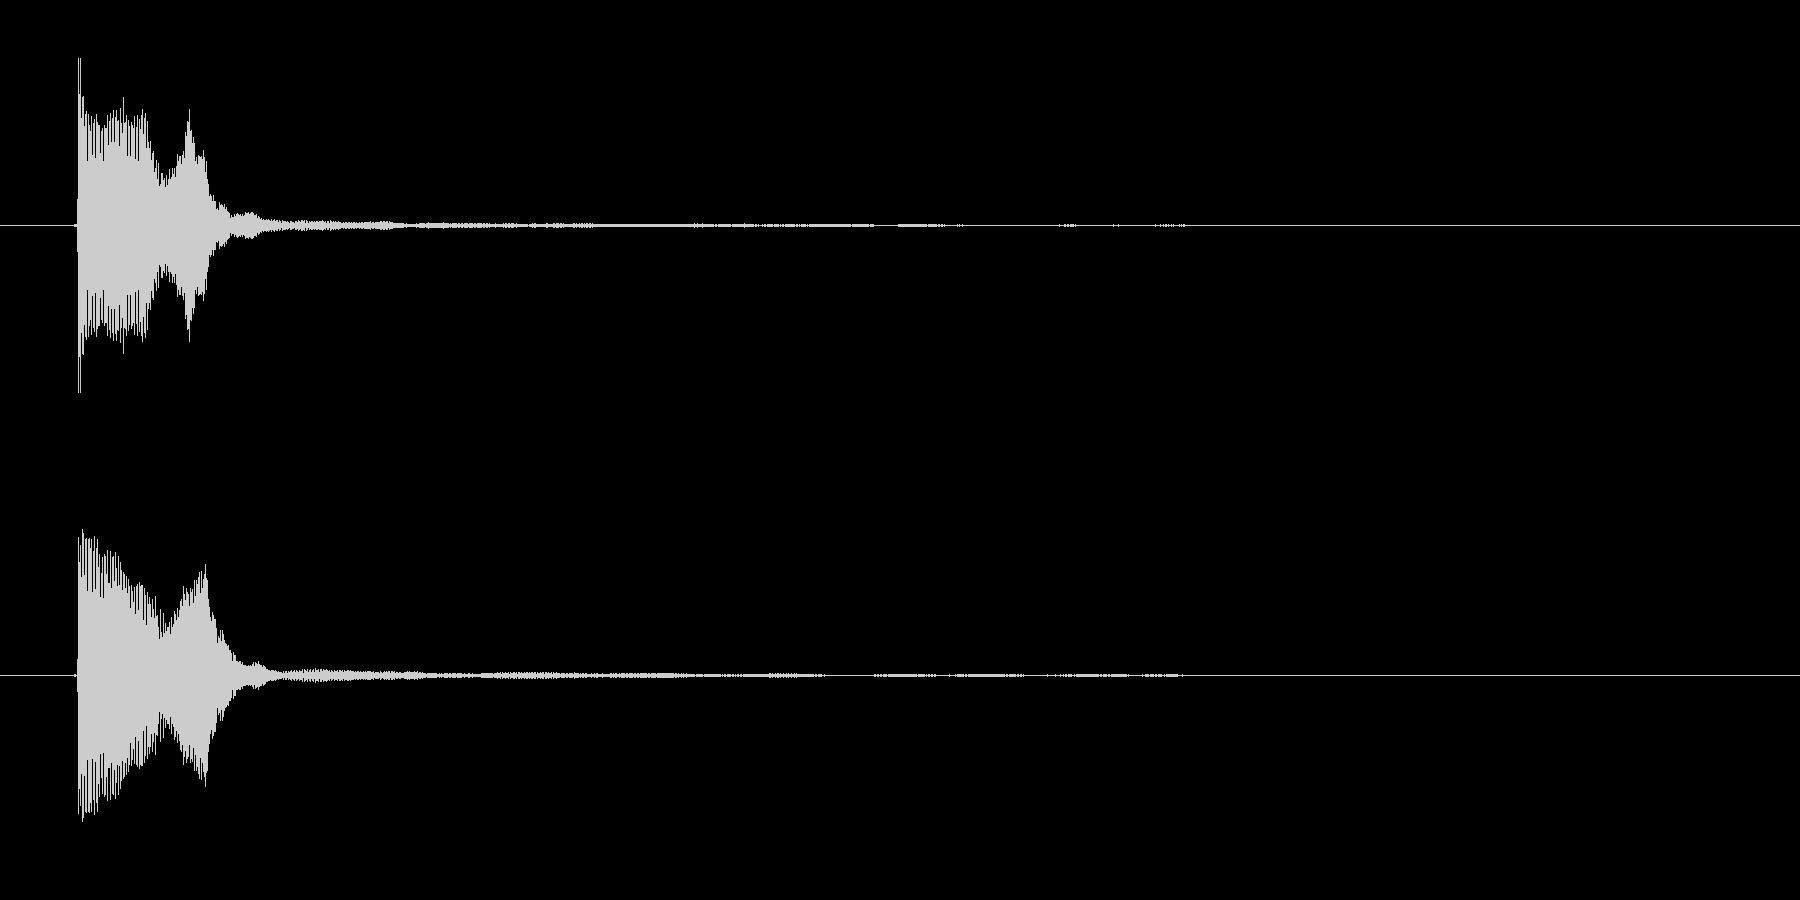 ゲームコマンド音2 選択音 K12の未再生の波形